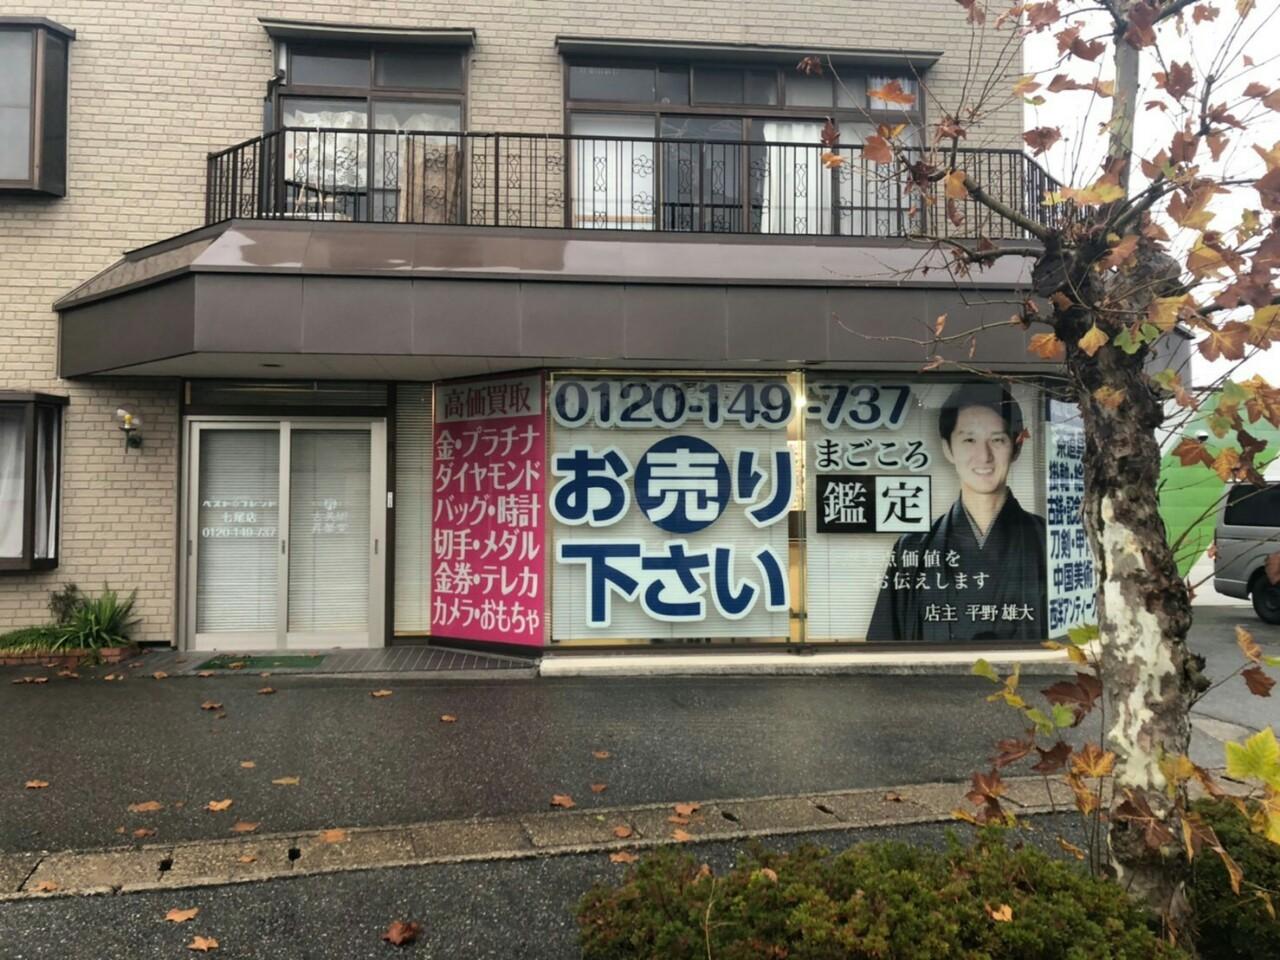 ベストフレンド古美術昇華堂七尾店店舗写真1